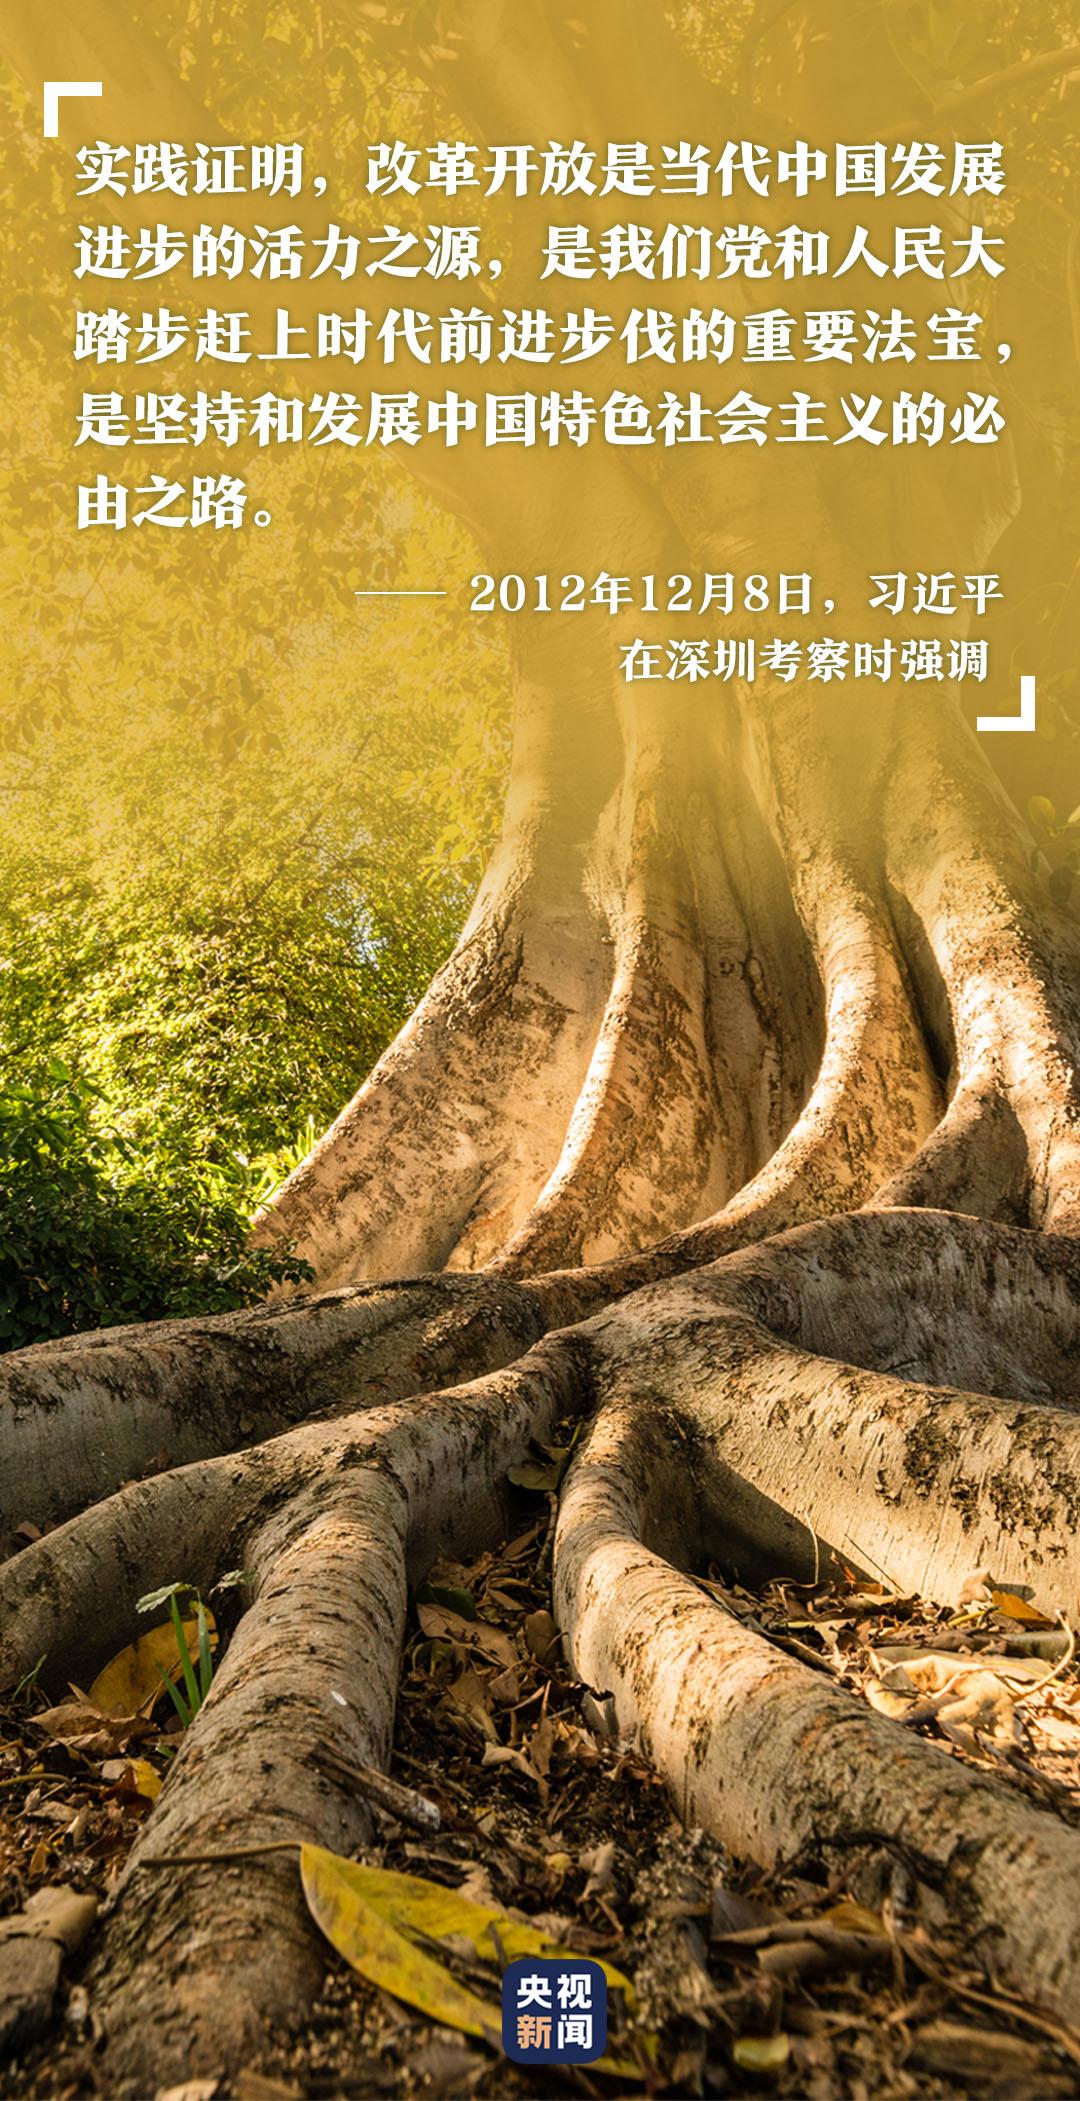 高山榕樹印初心-圖5